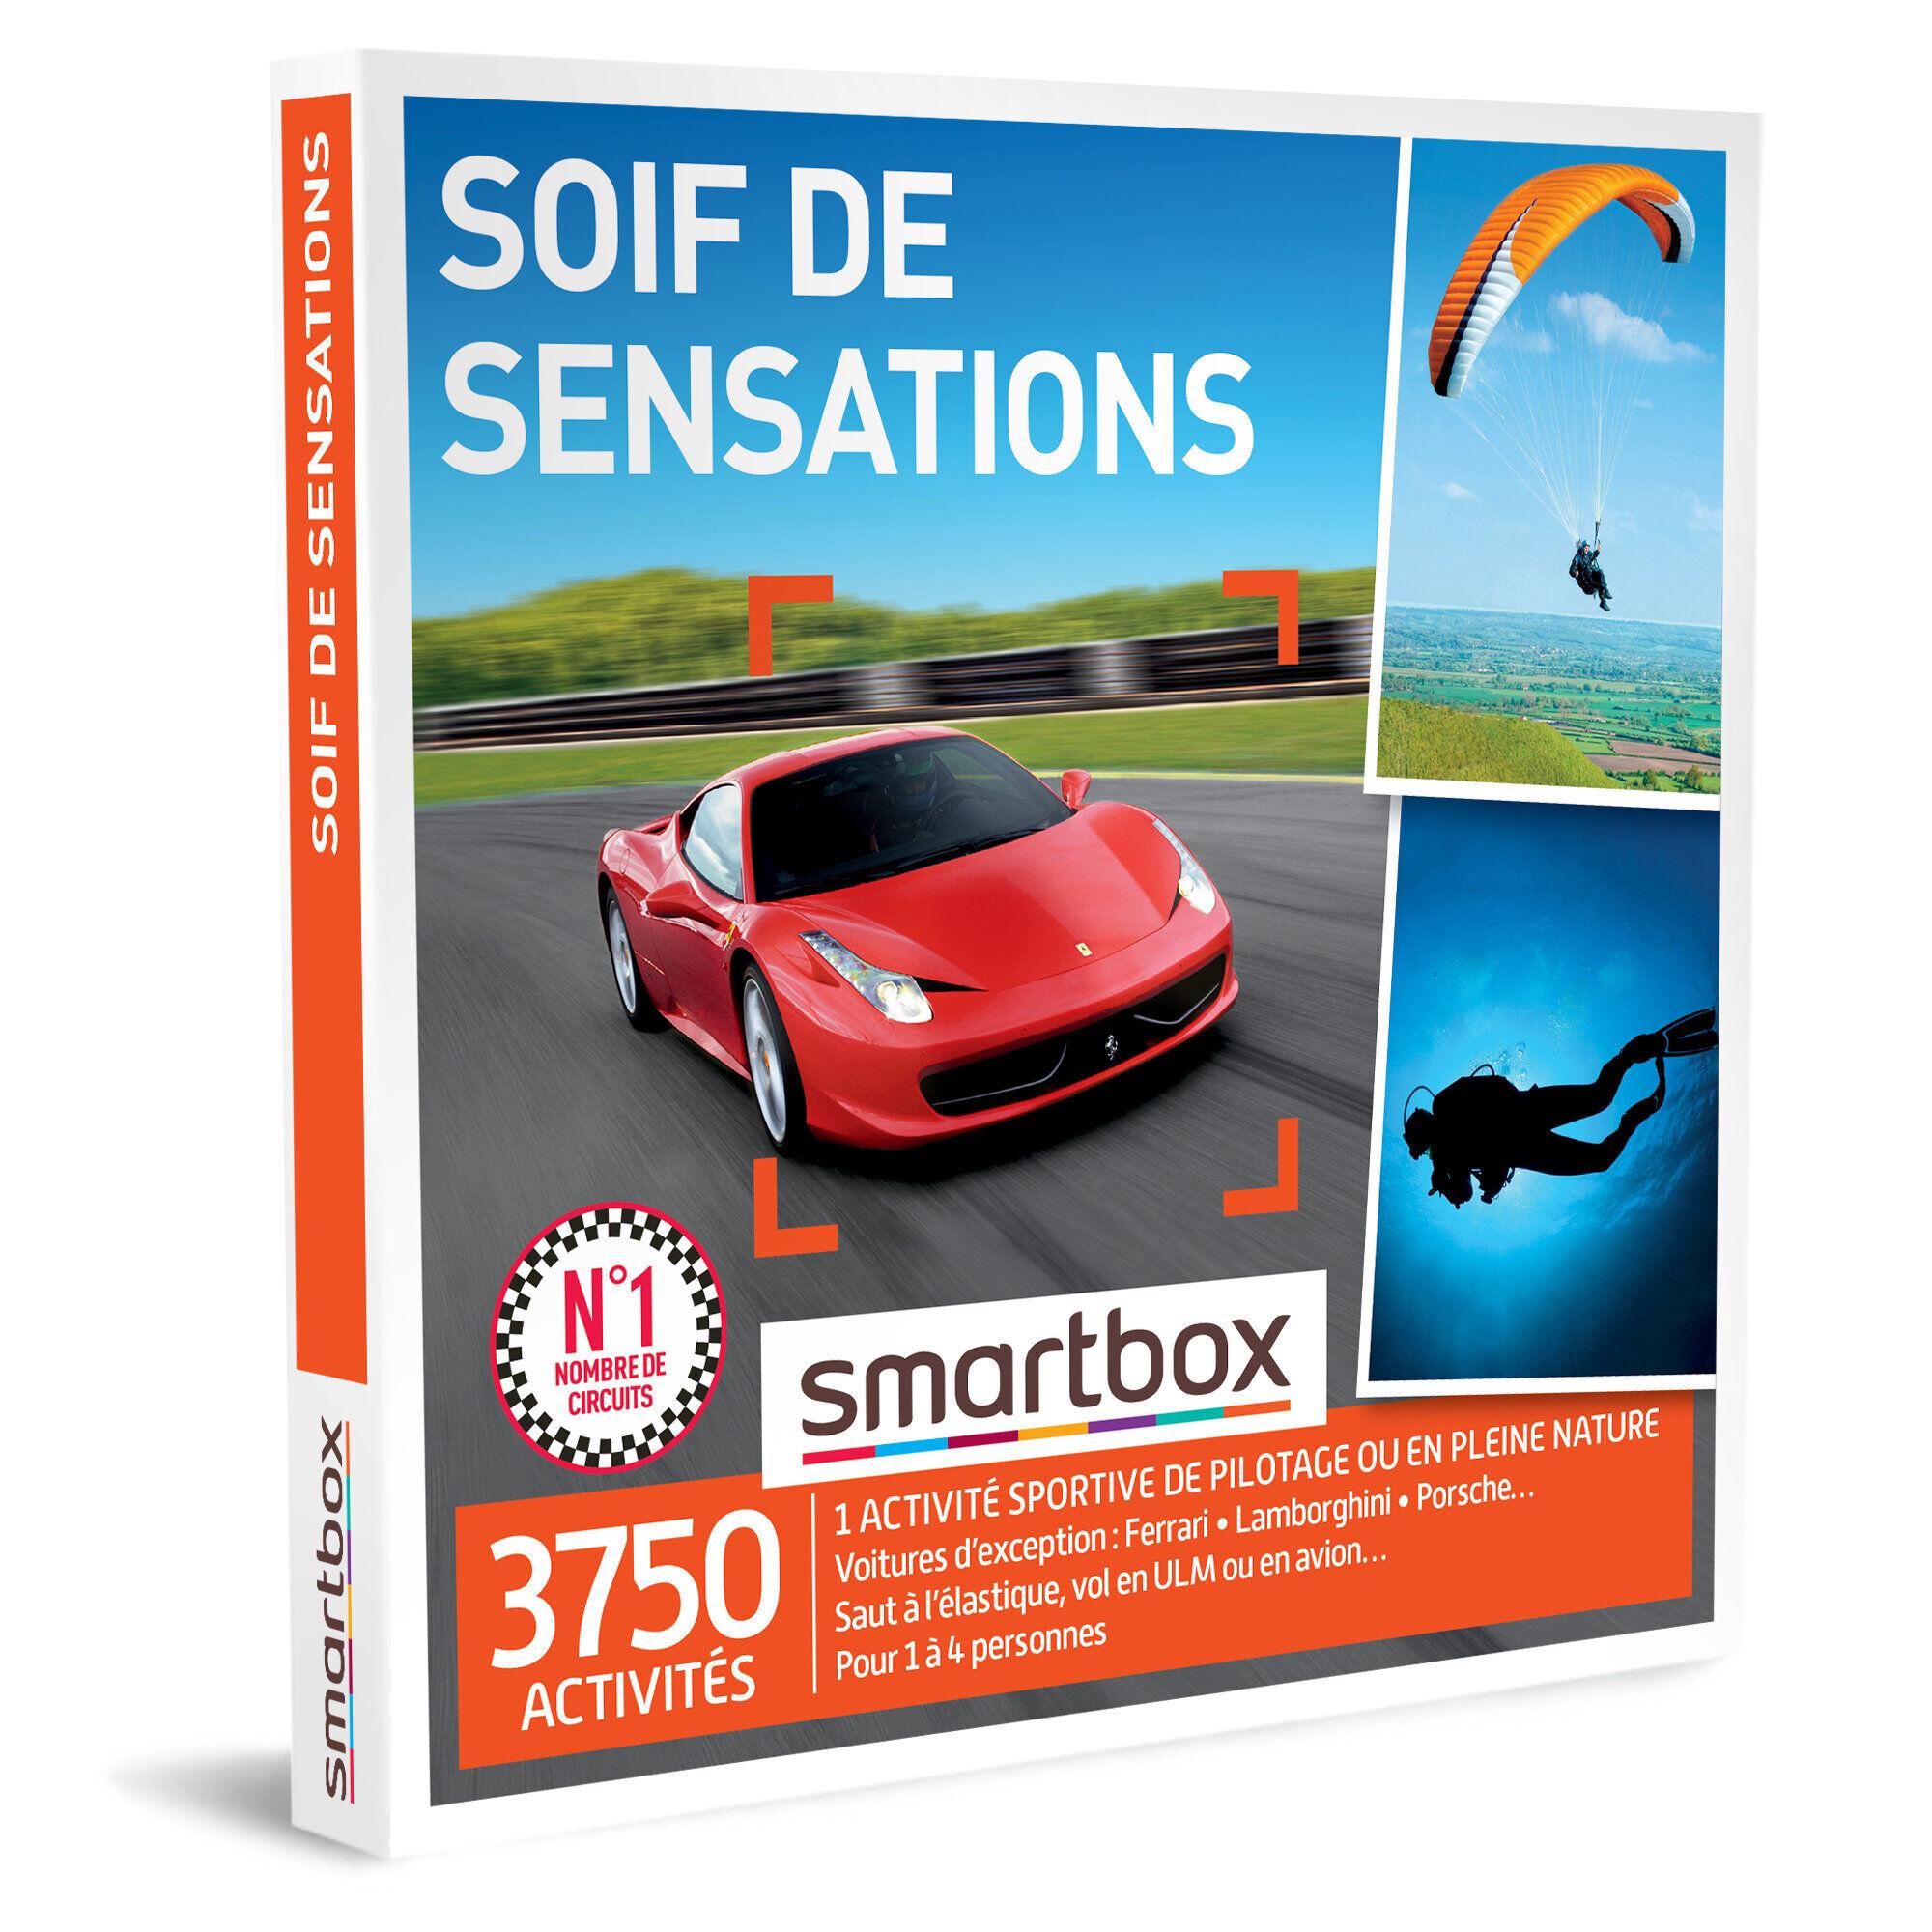 Smartbox Soif de sensations Coffret cadeau Smartbox